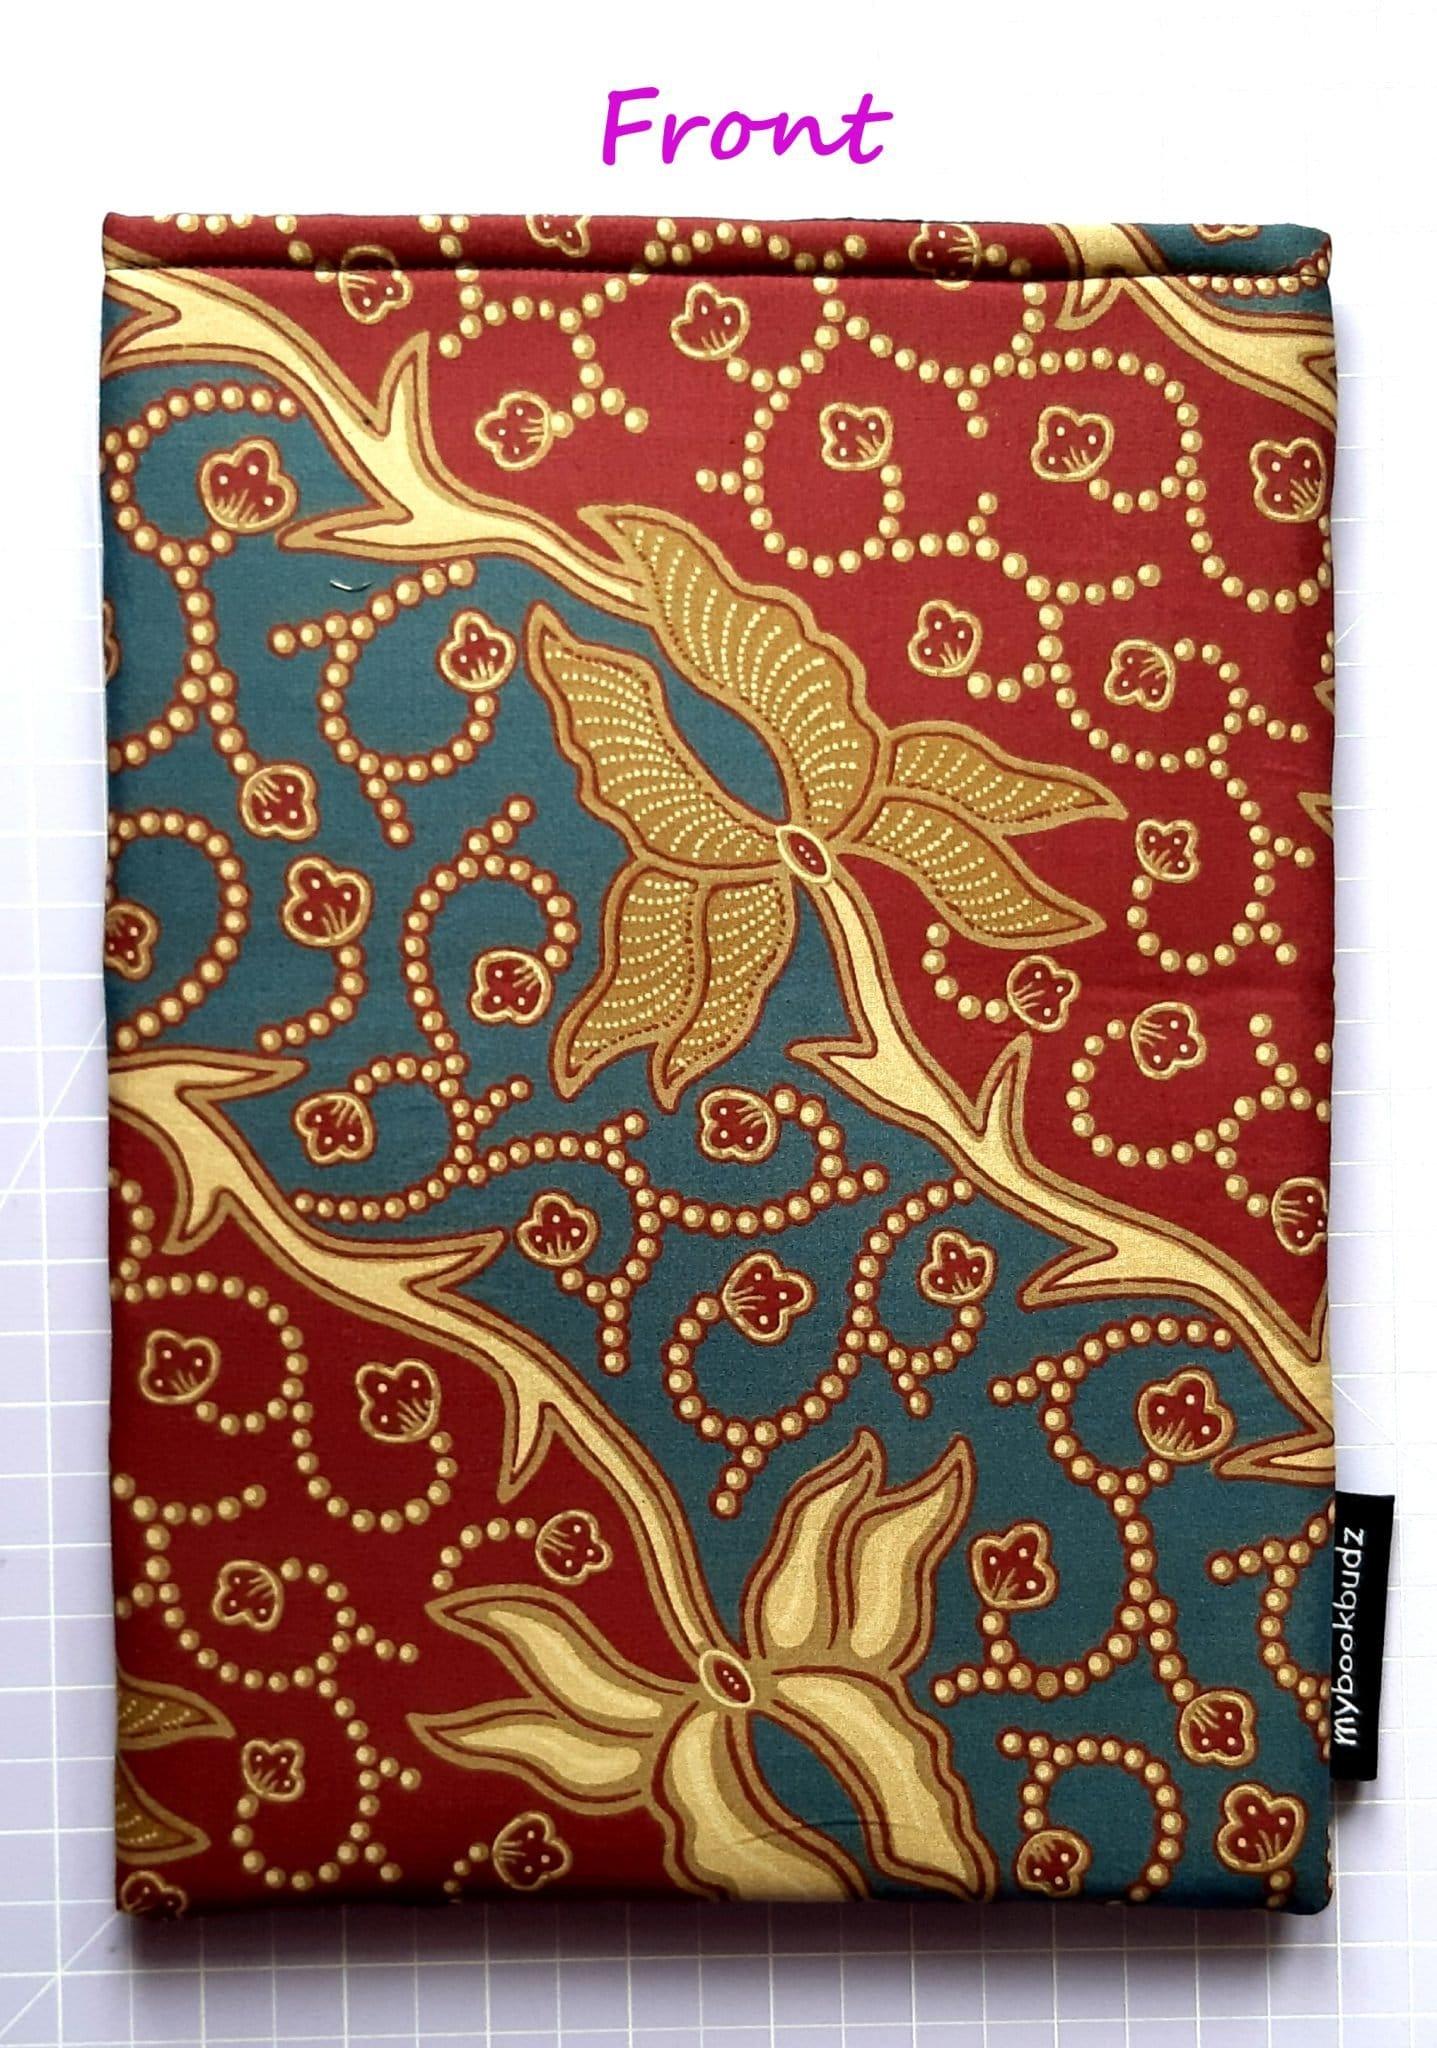 Red & Gold Batik – Front